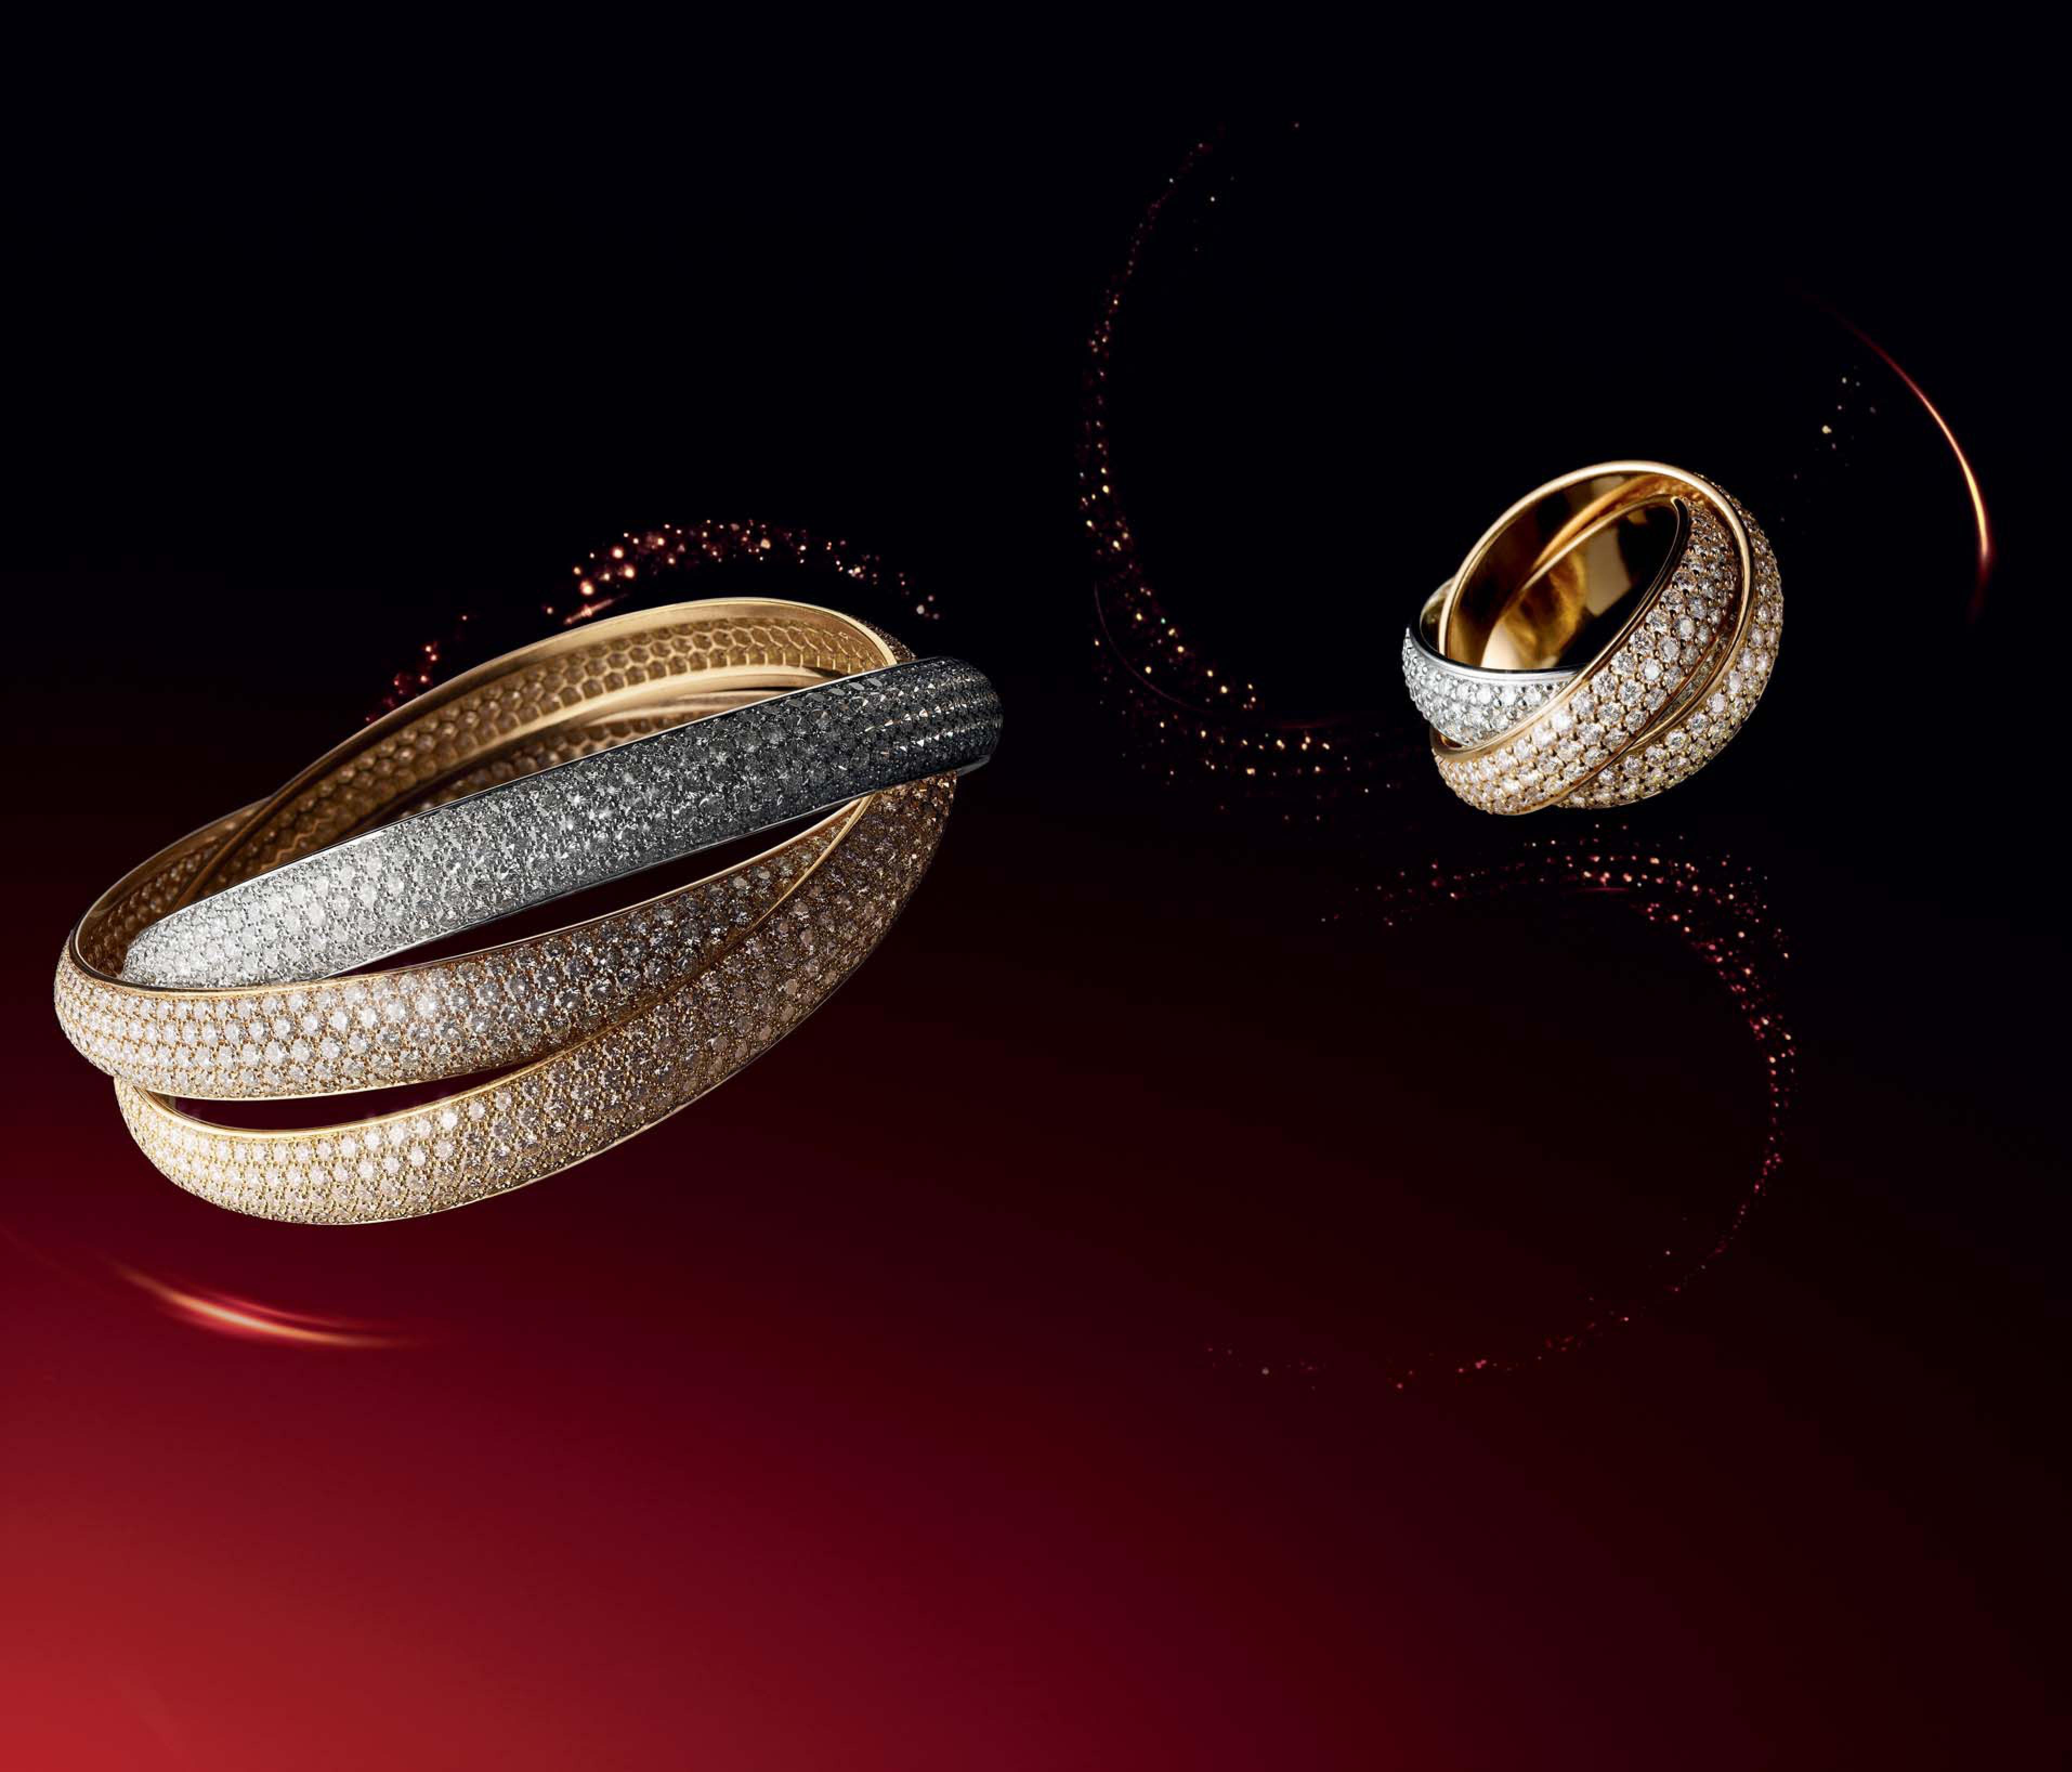 Brazalete Trinity y sortija Trinity XL, de Cartier. Oro rosa,  amarillo y blanco, entrelazados con diamantes; todo un símbolo de fidelidad, amistad y amor.